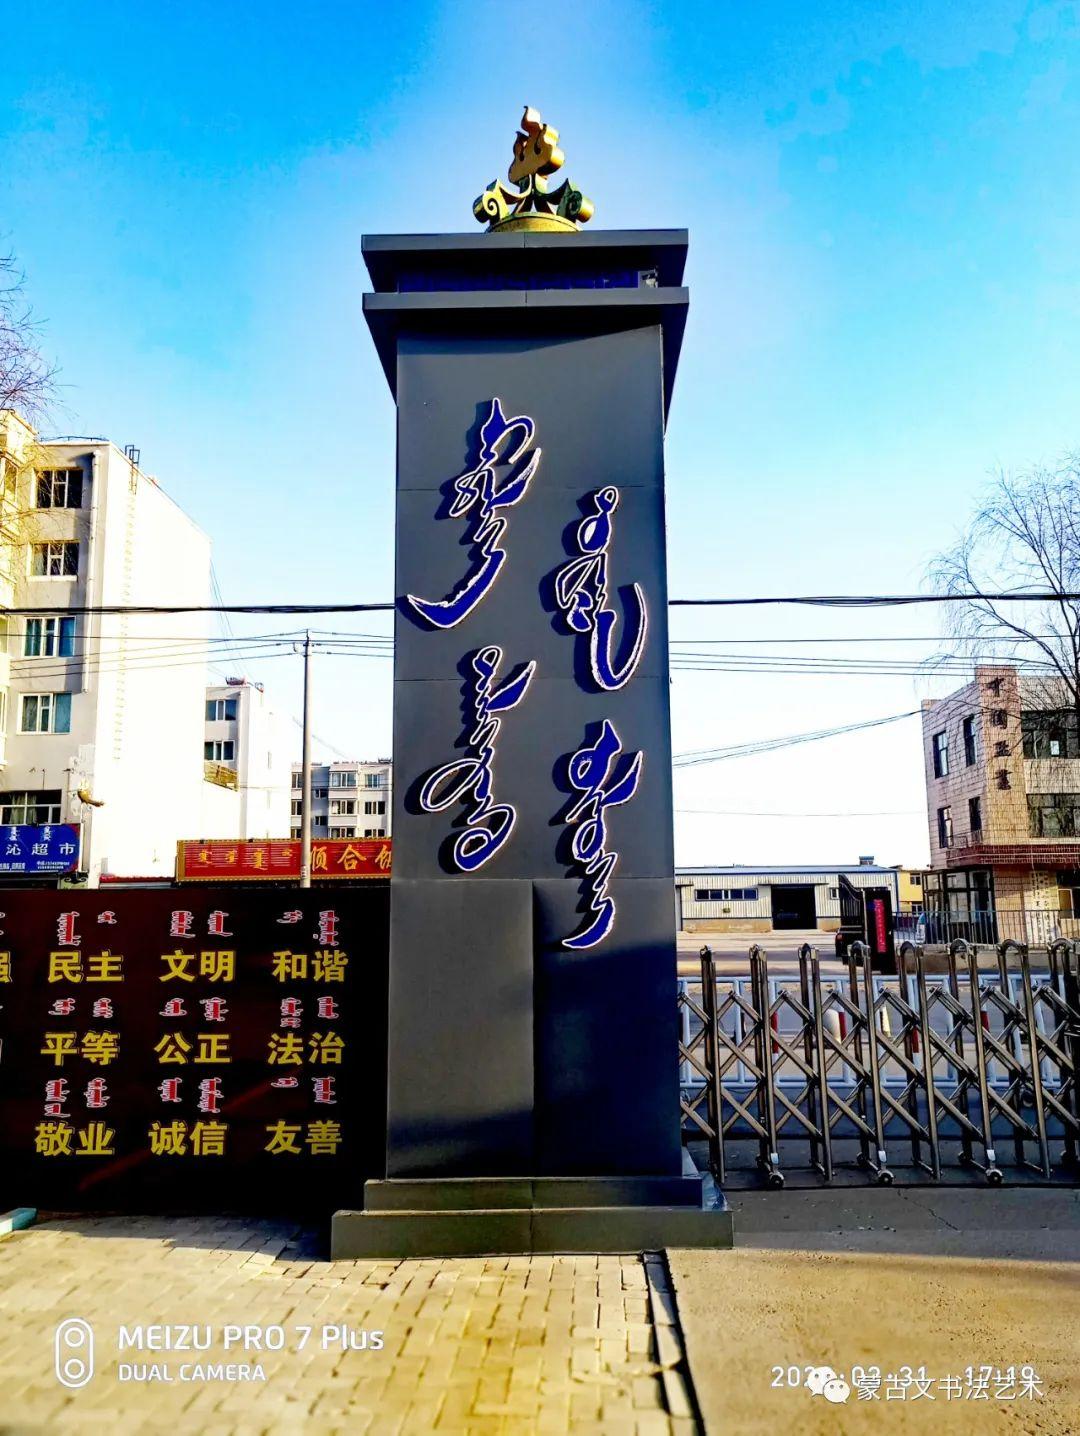 蒙古文书法社会应用展示-韩巴特 第13张 蒙古文书法社会应用展示-韩巴特 蒙古书法